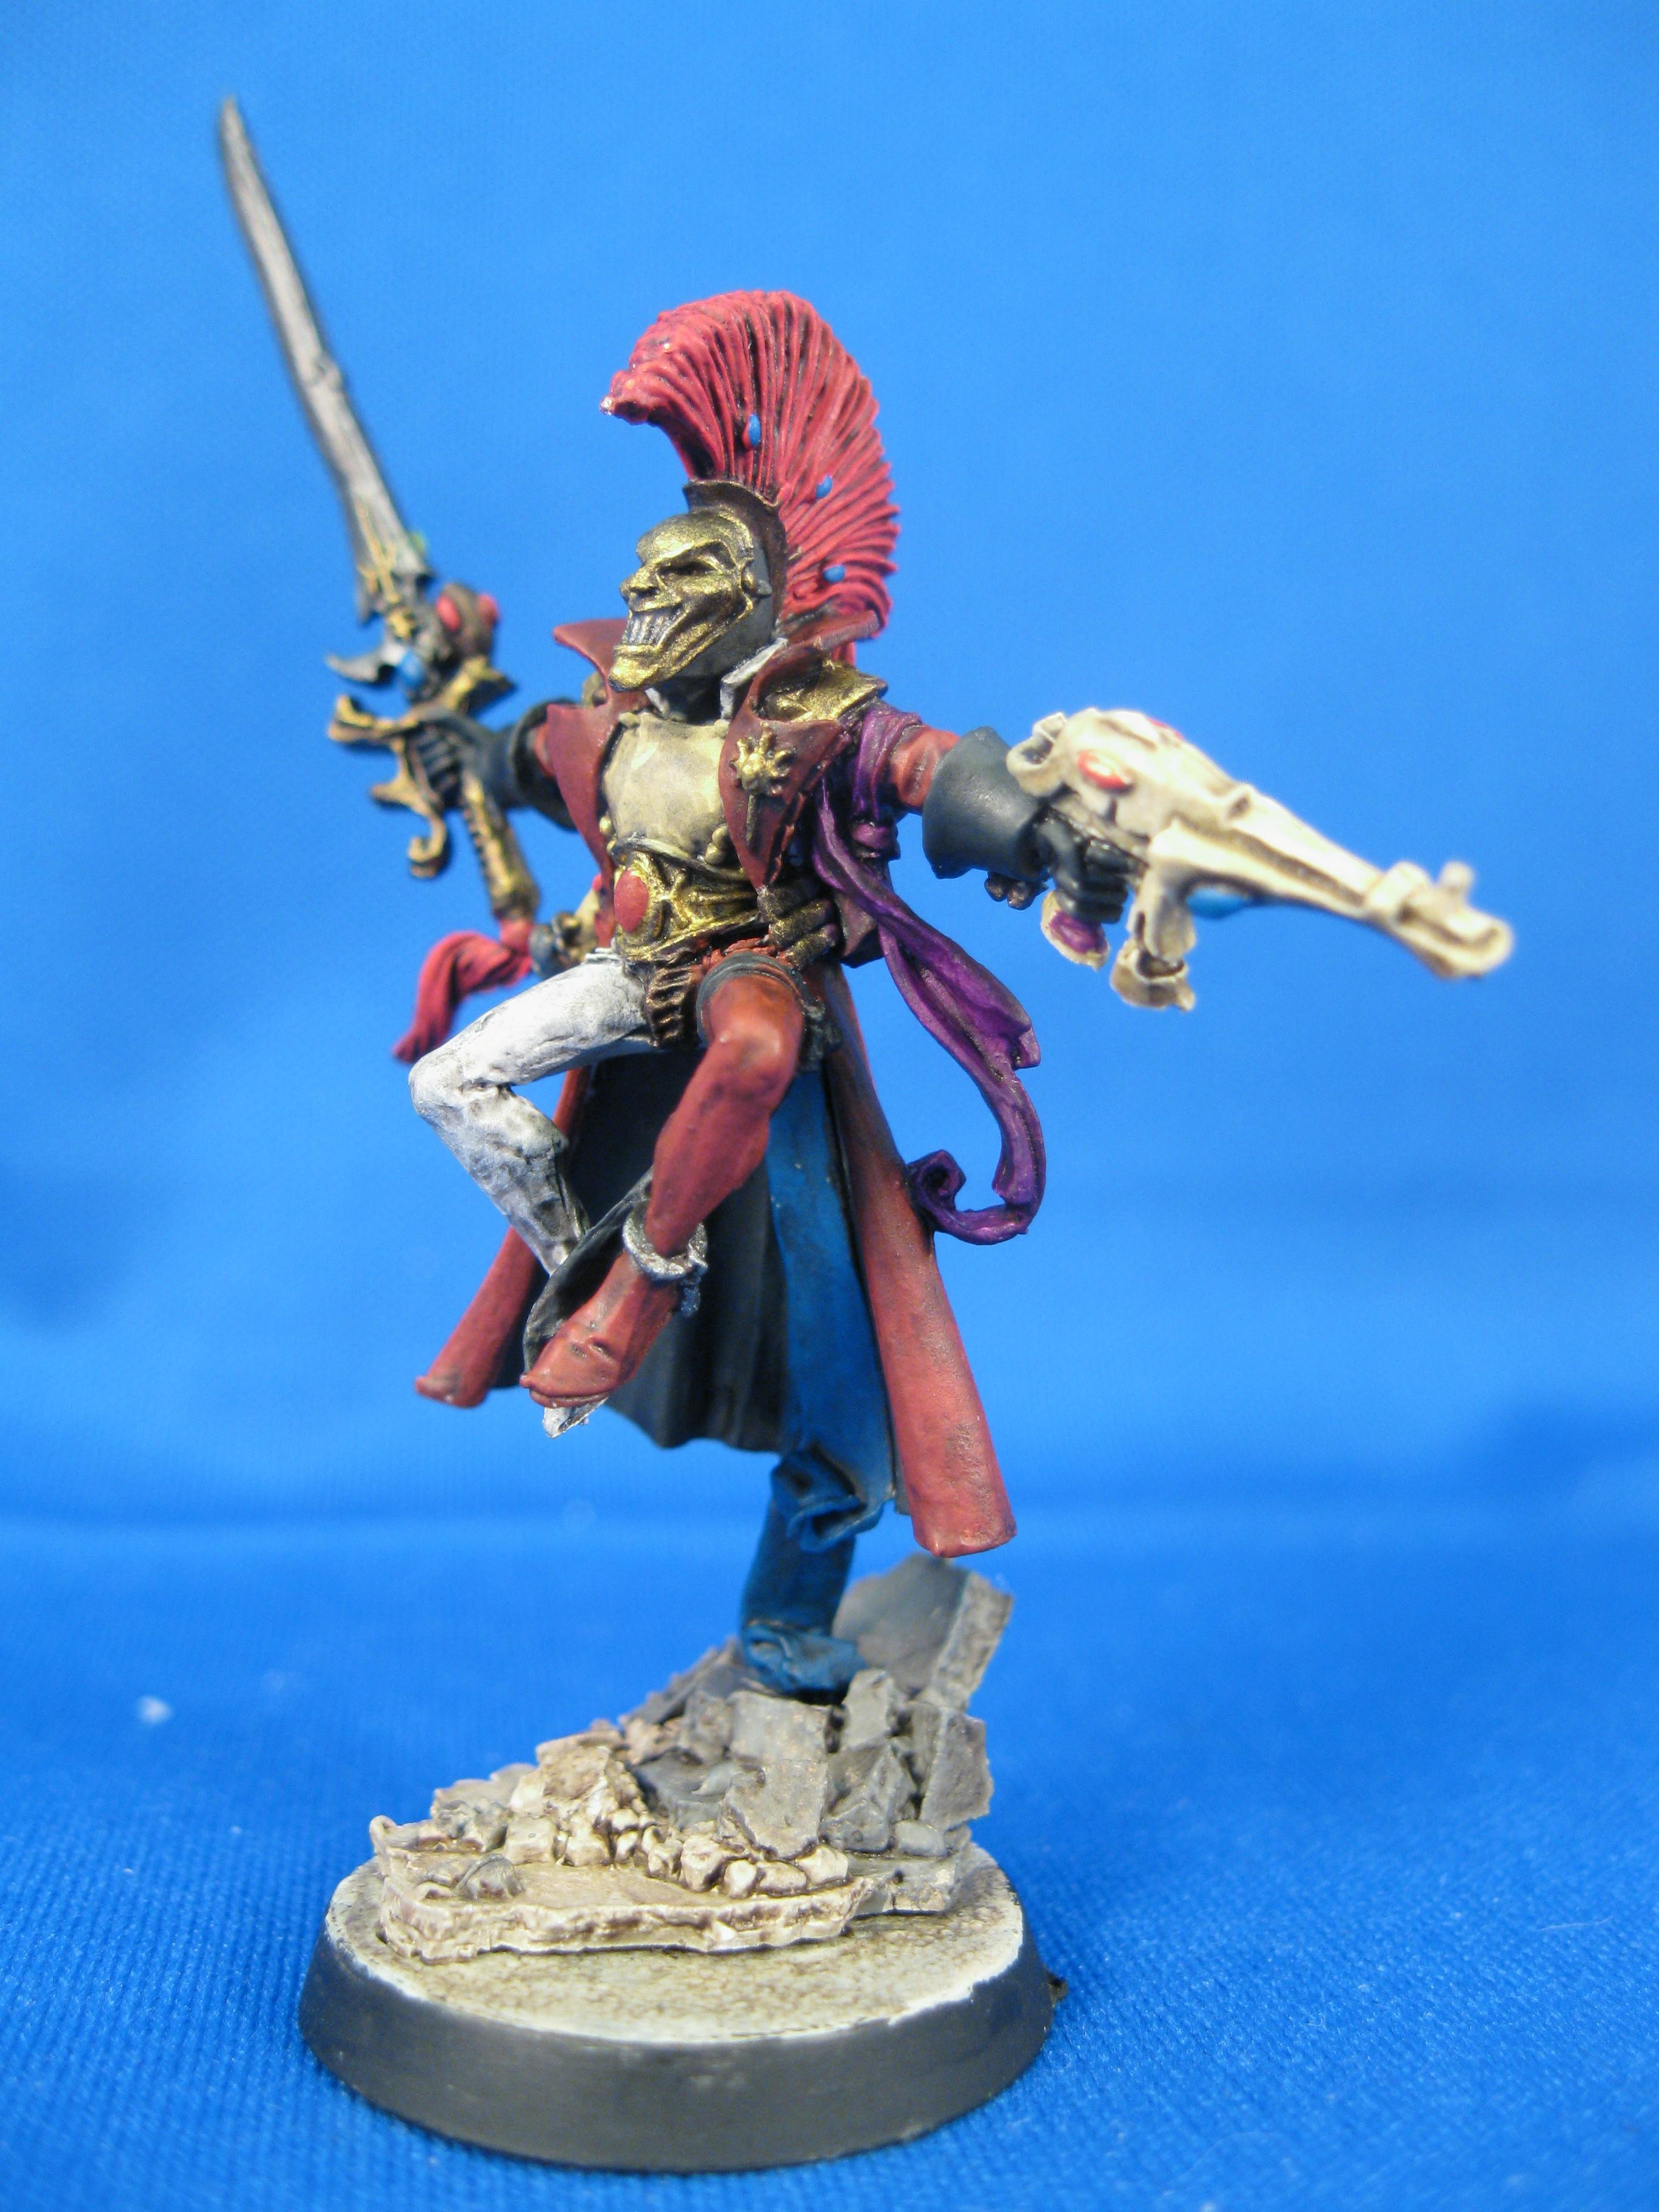 Commission, Eldar, Harlequins, Warhammer 40,000